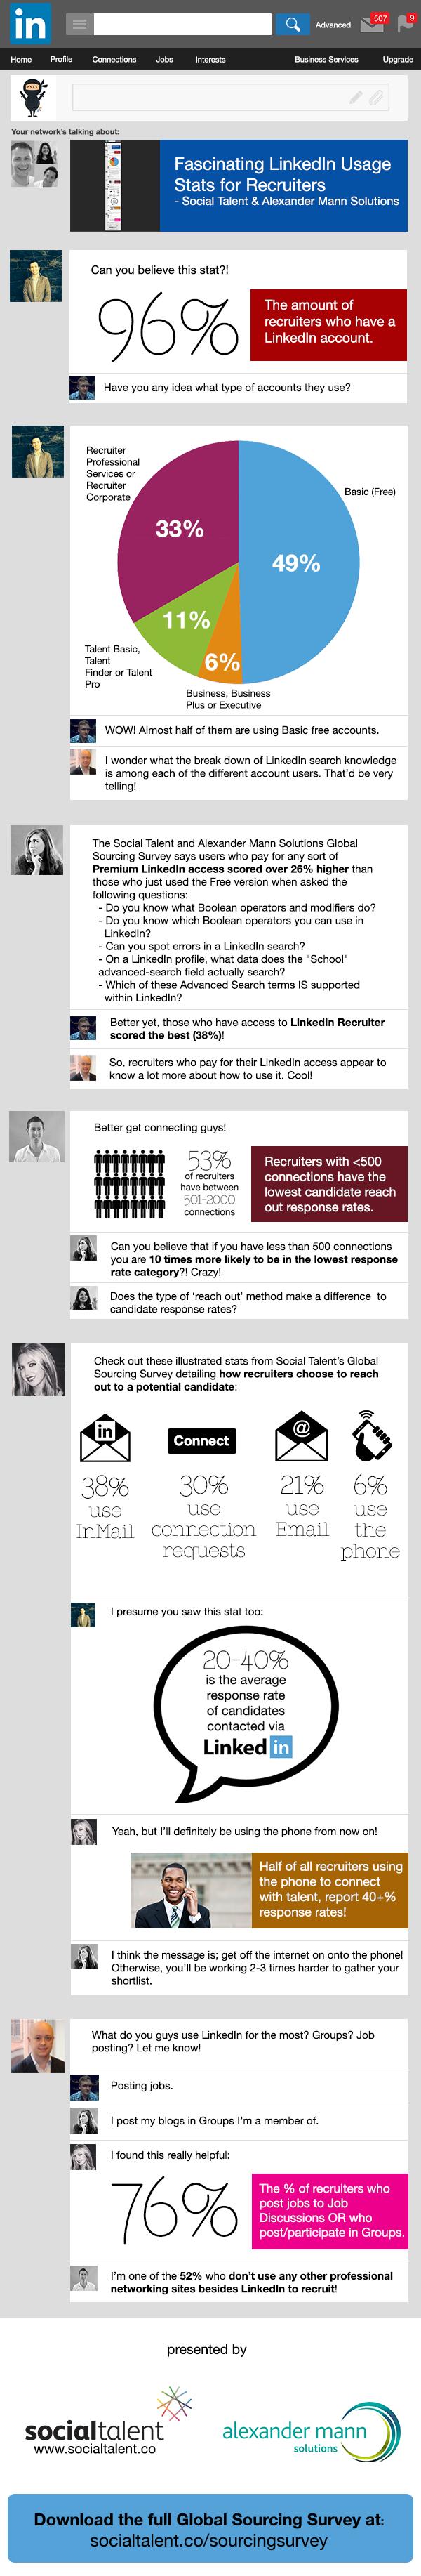 fascinating linkedin usage stats for recruiters source 11 fascinating linkedin usage stats for recruiters source socialtalent